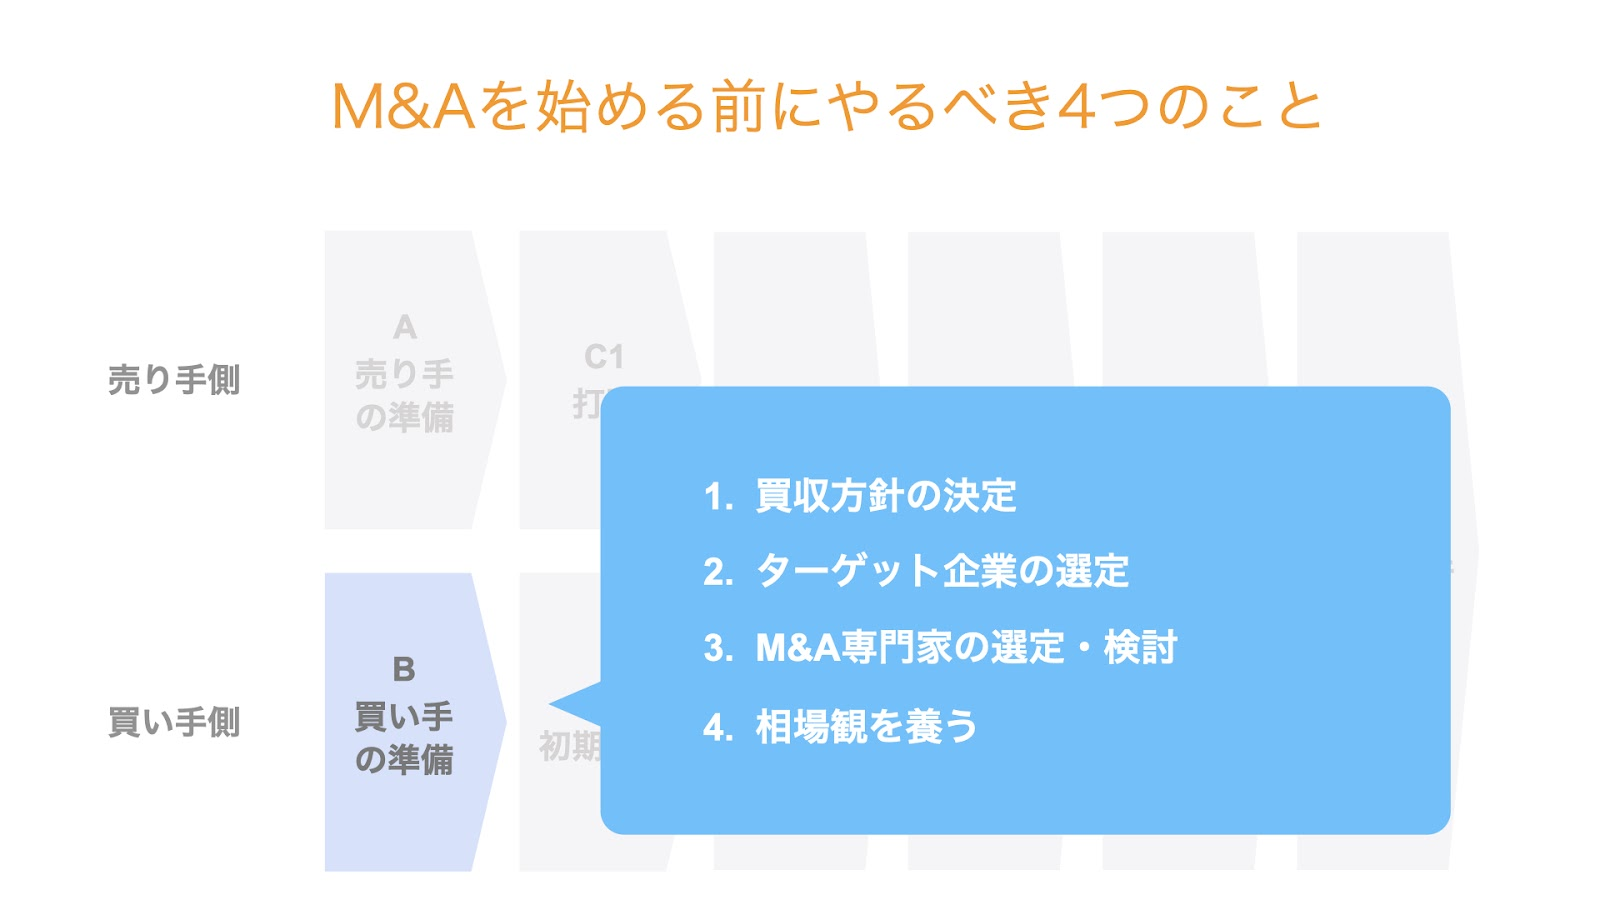 M&Aを始める前にやるべき4つのこと